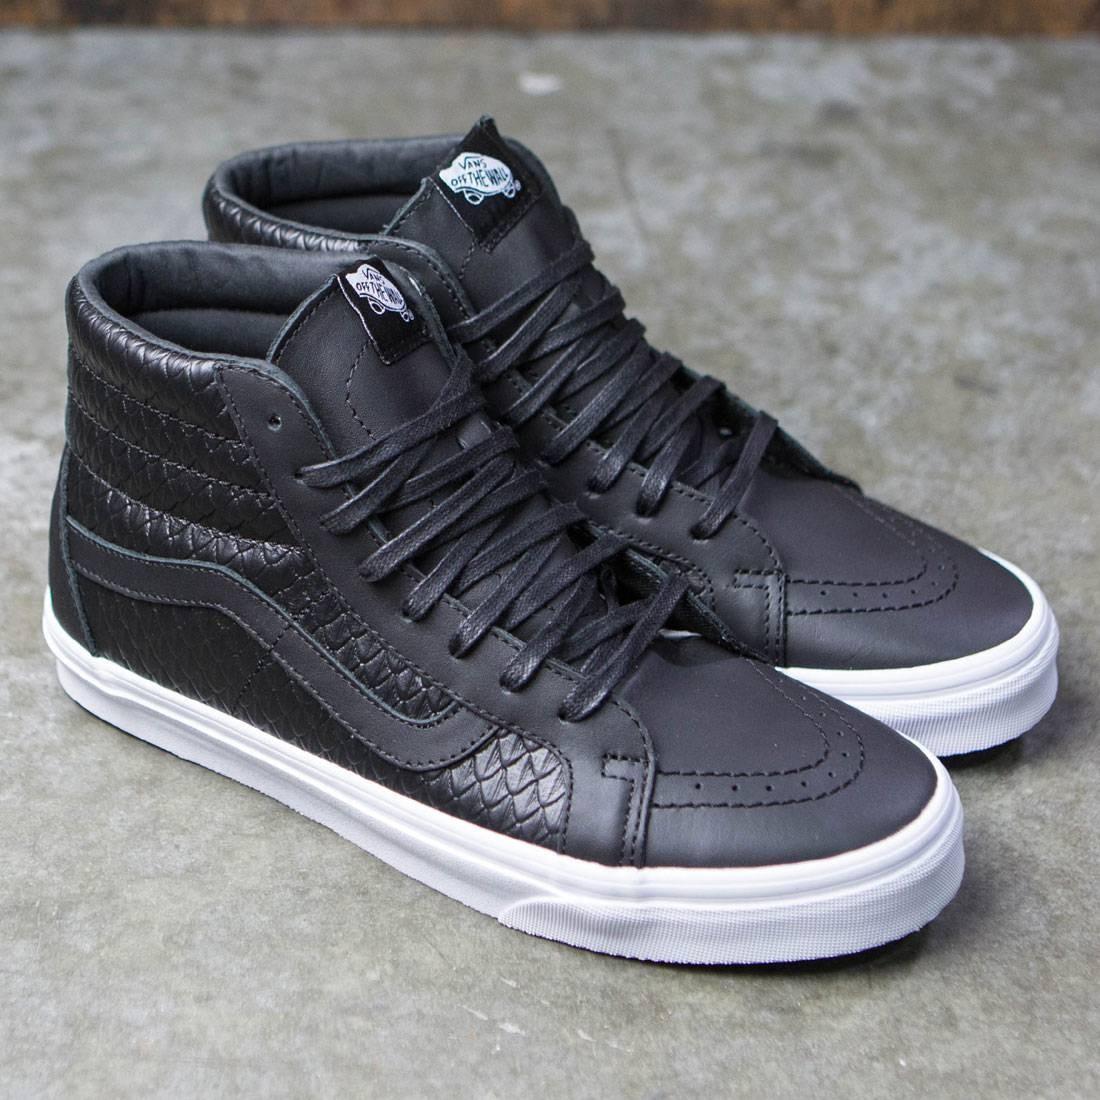 ec456980da62 Buy vans sk8 hi leather